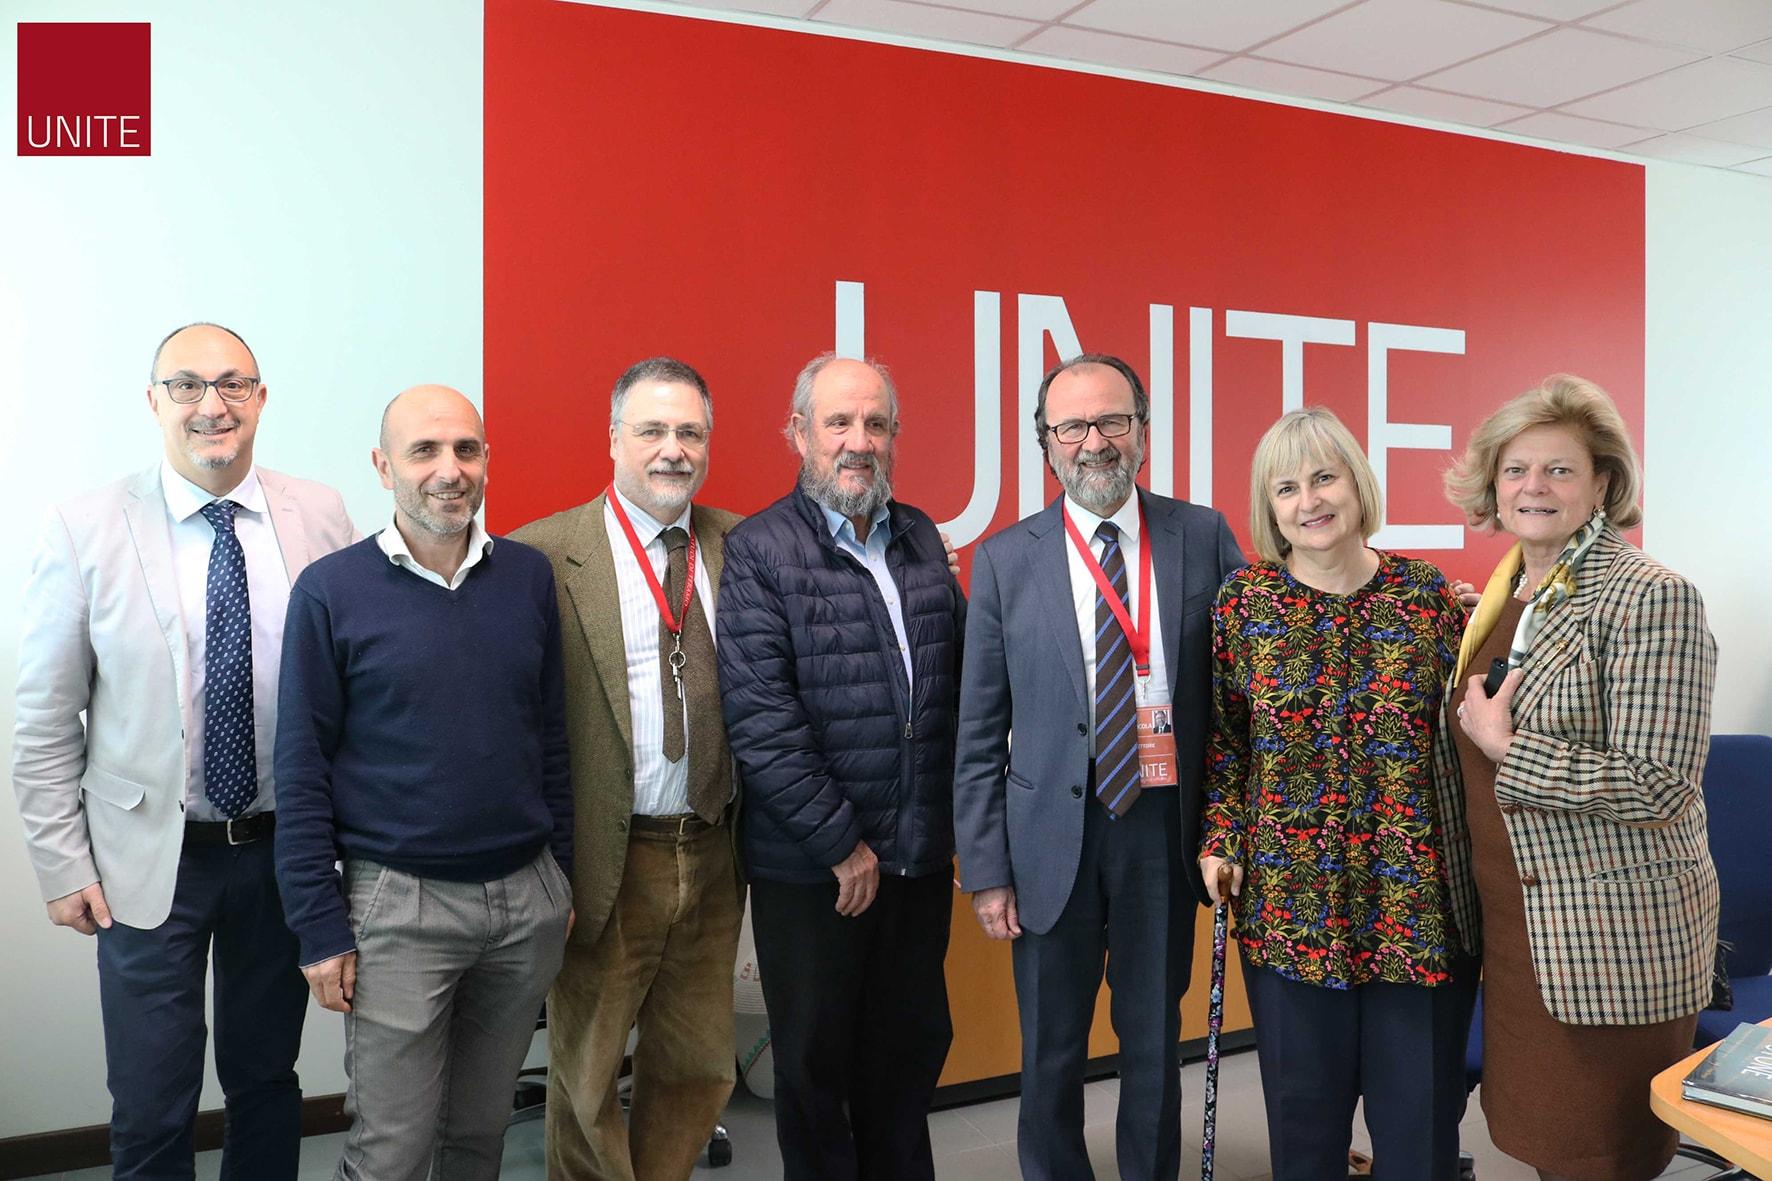 Il rettore Dino Mastrocola con il rettore dell'Università messicana Judith Moreno Berry, assieme a docenti dell'Ateneo di Teramo